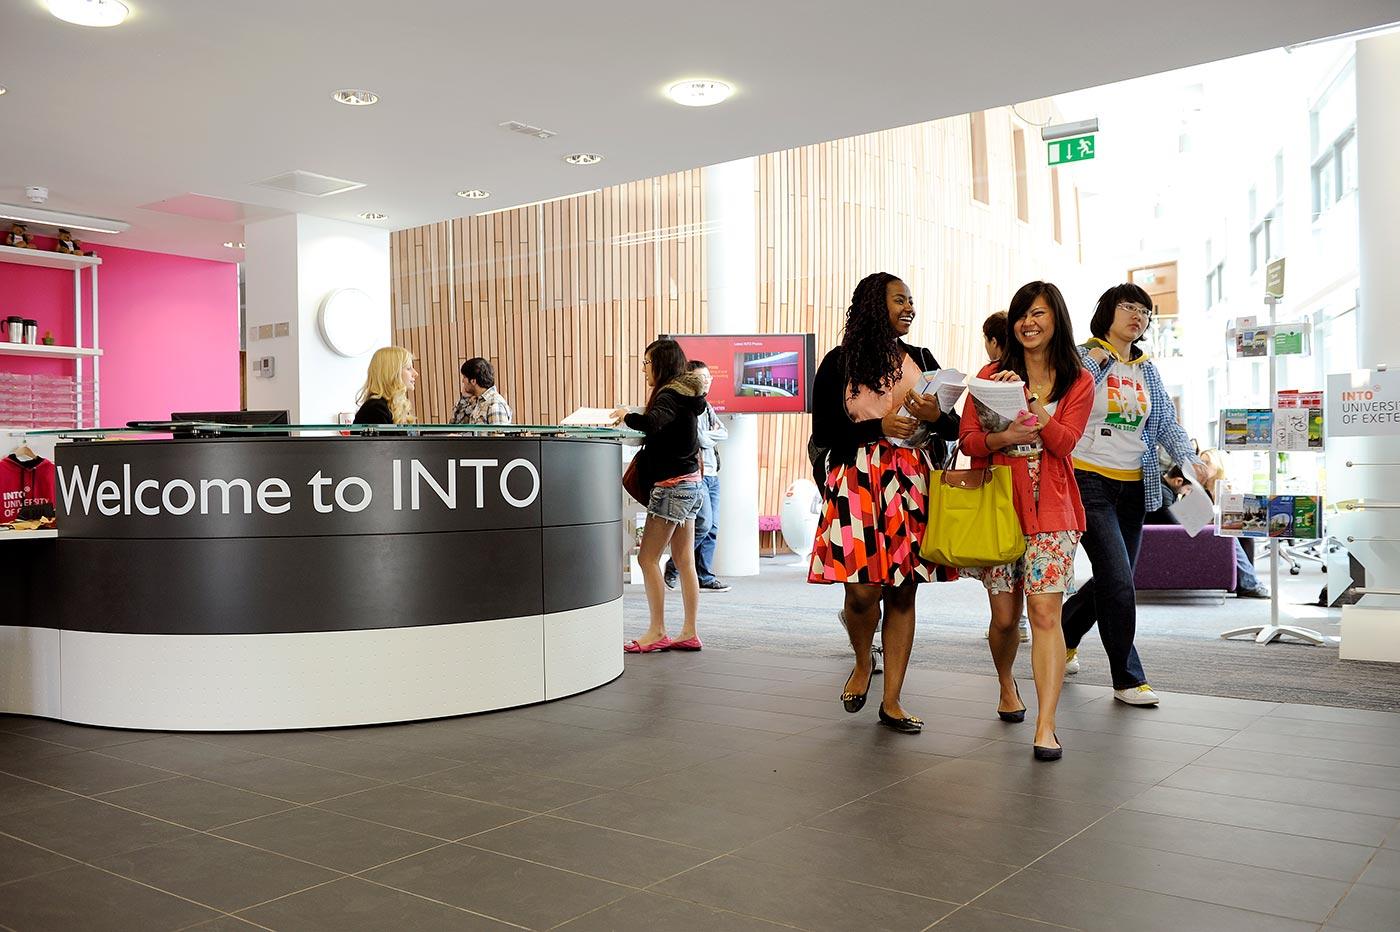 INTO reception area